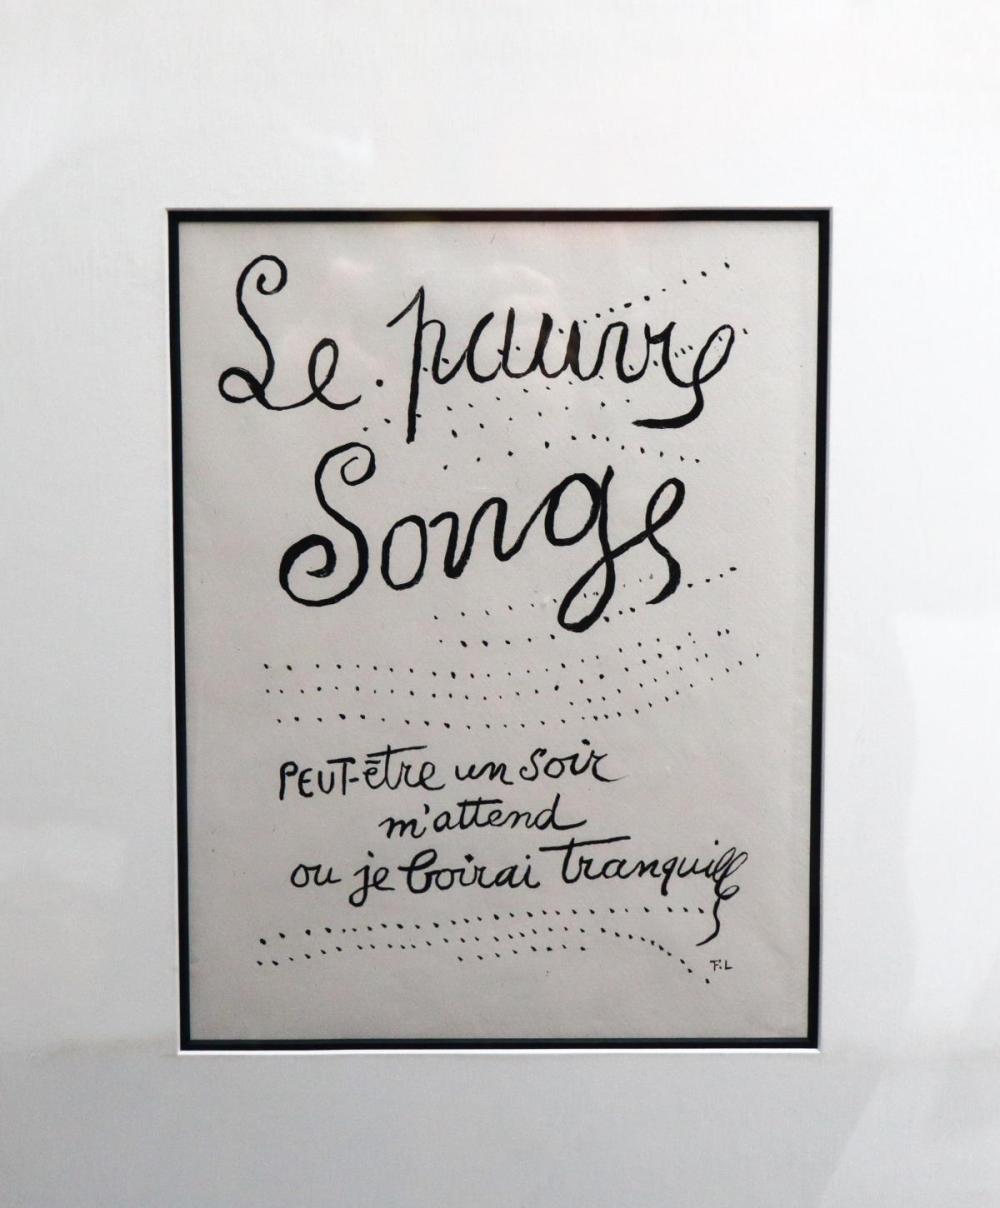 Fernand Leger - Le Pauvre Songe